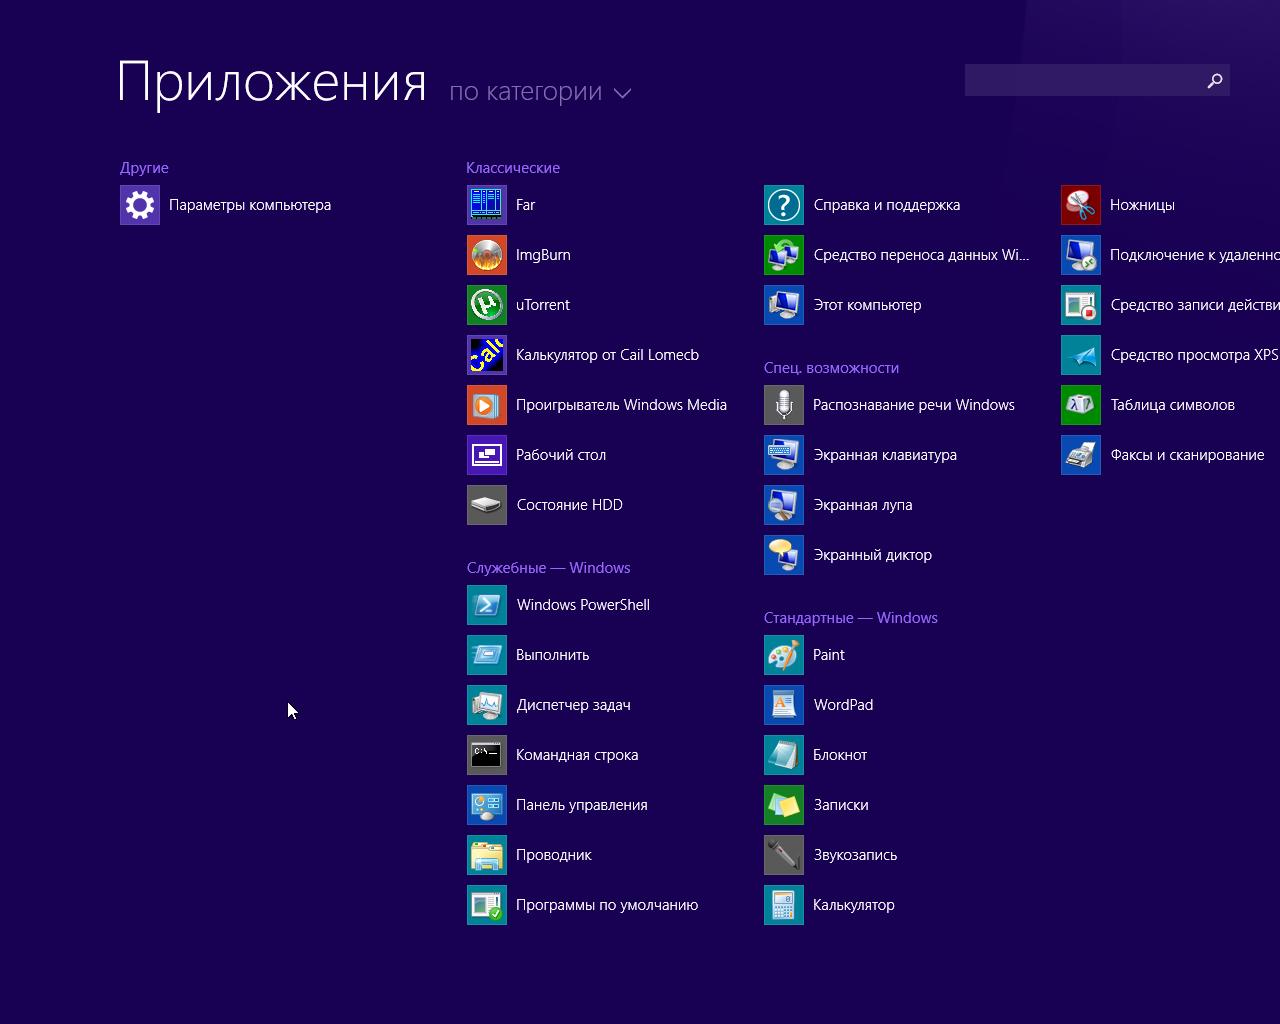 http://images.vfl.ru/ii/1409587340/30e47dcd/6198269.png